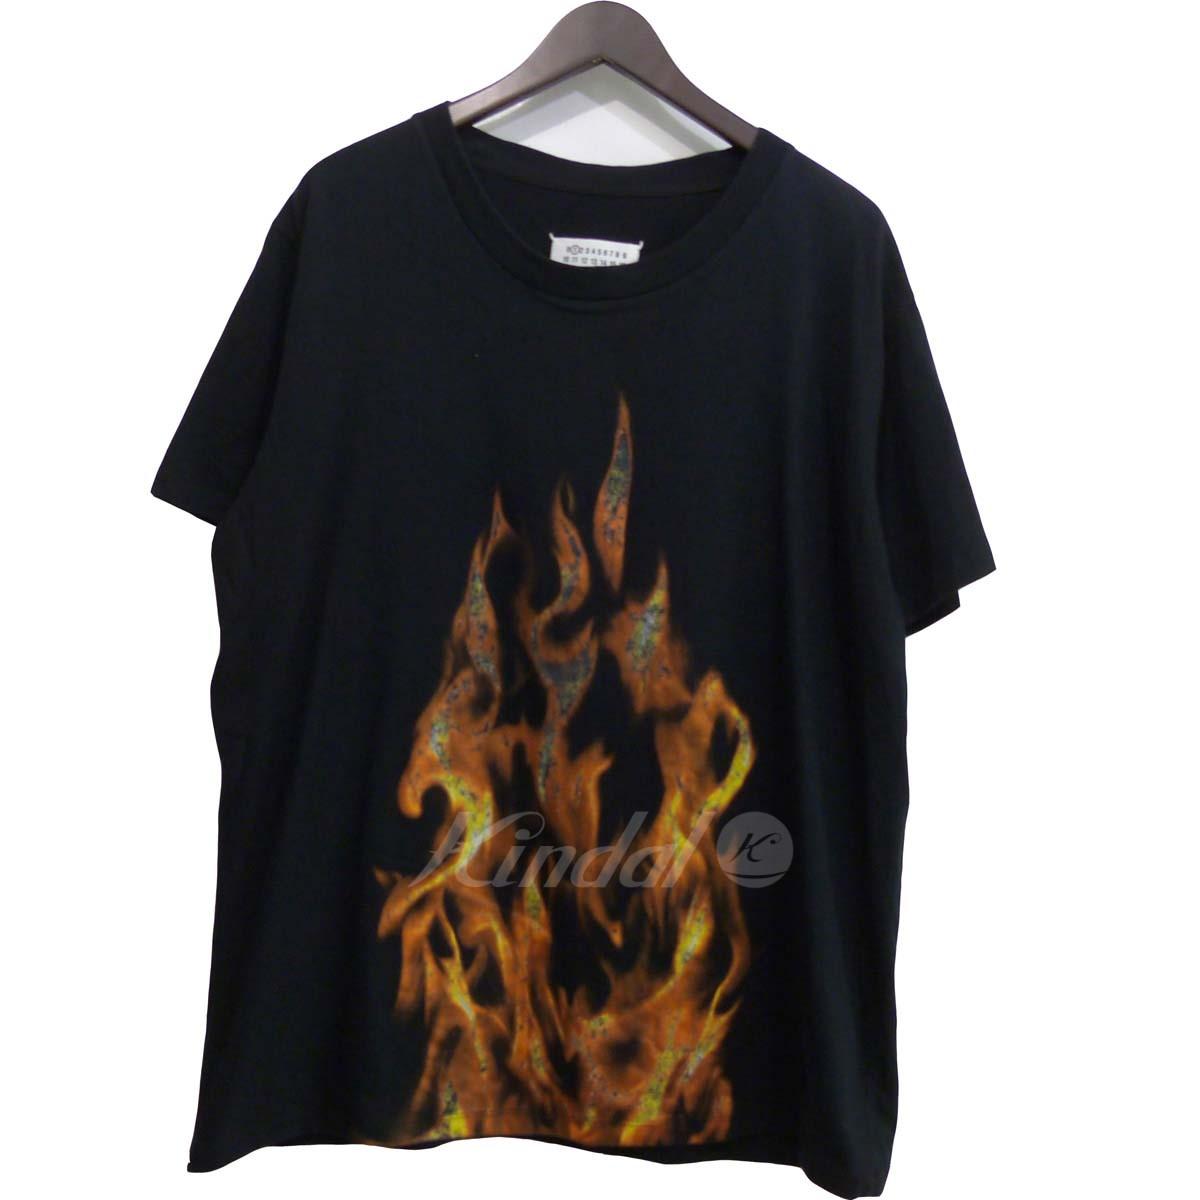 【中古】Martin Margiela1 12SS ファイヤパターンTシャツ ブラック サイズ:M 【送料無料】 【210618】(マルタンマルジェラ1)